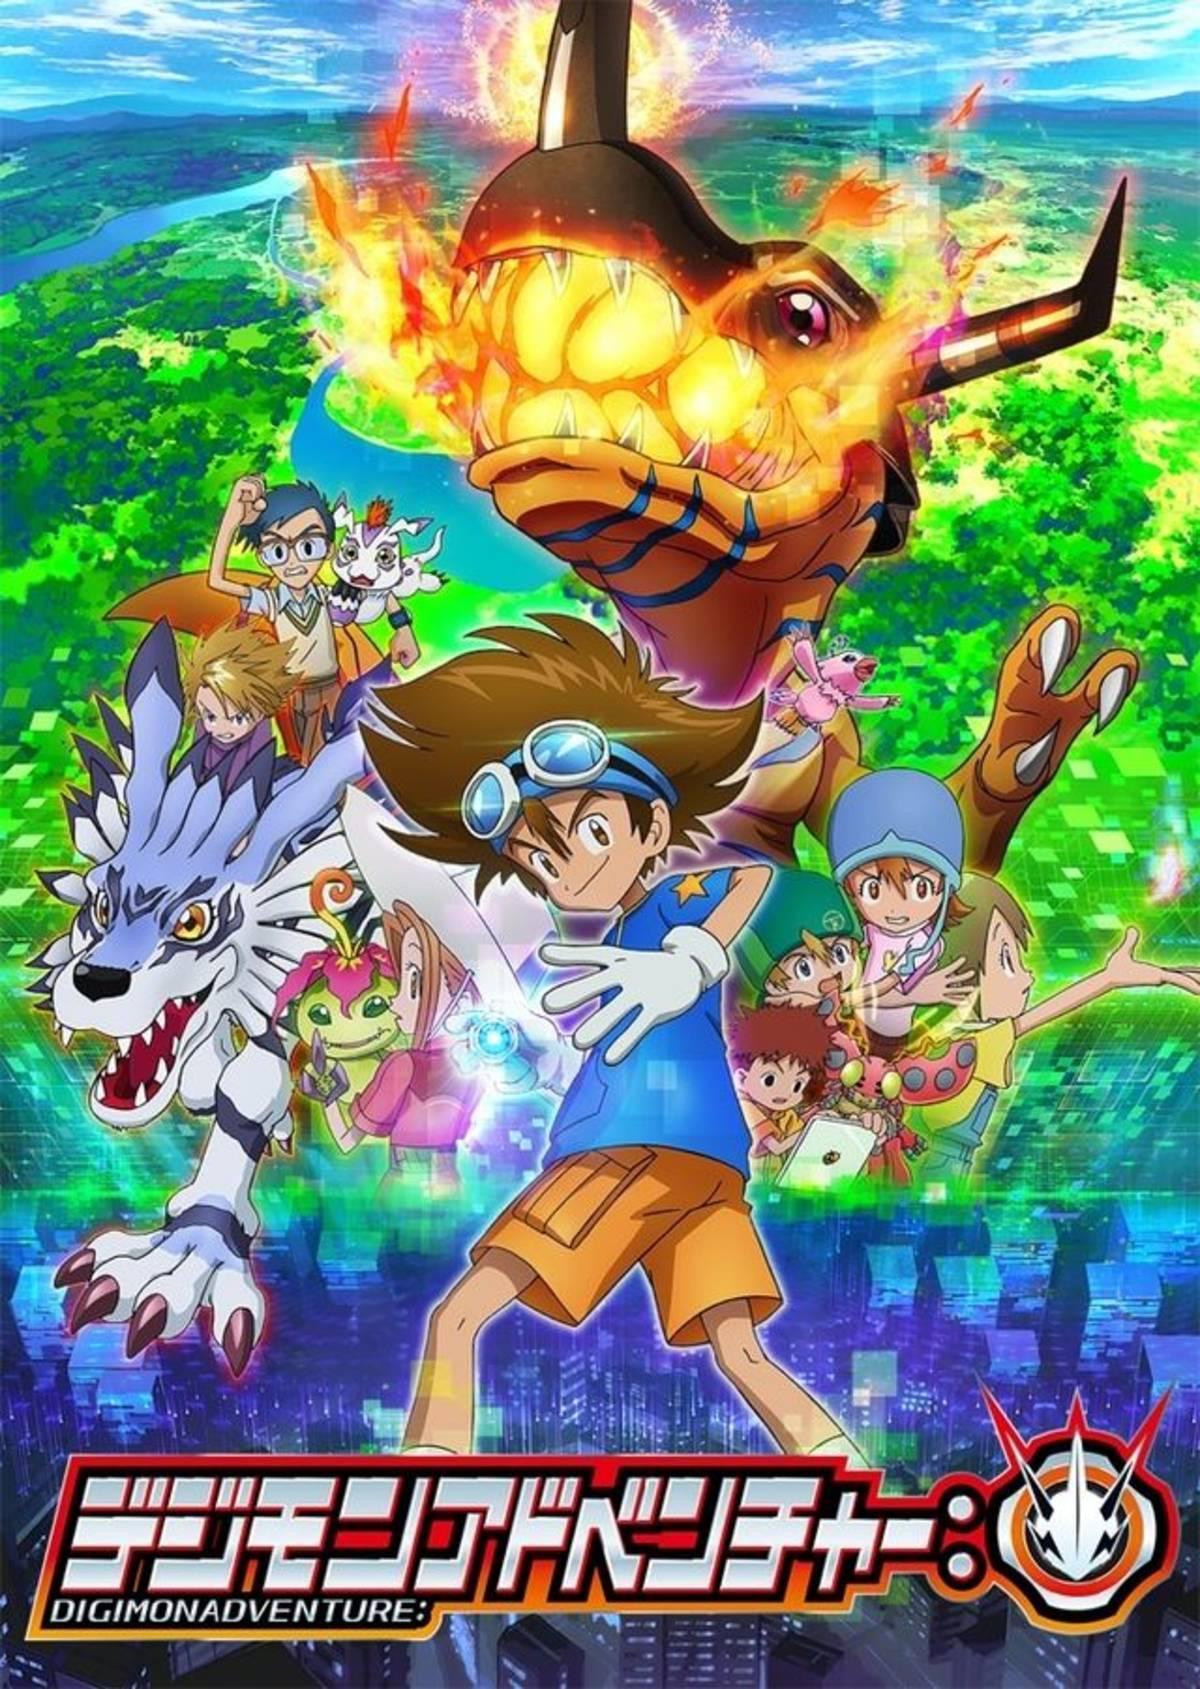 Cuộc Phiêu Lưu Của Những Con Thú Digimon